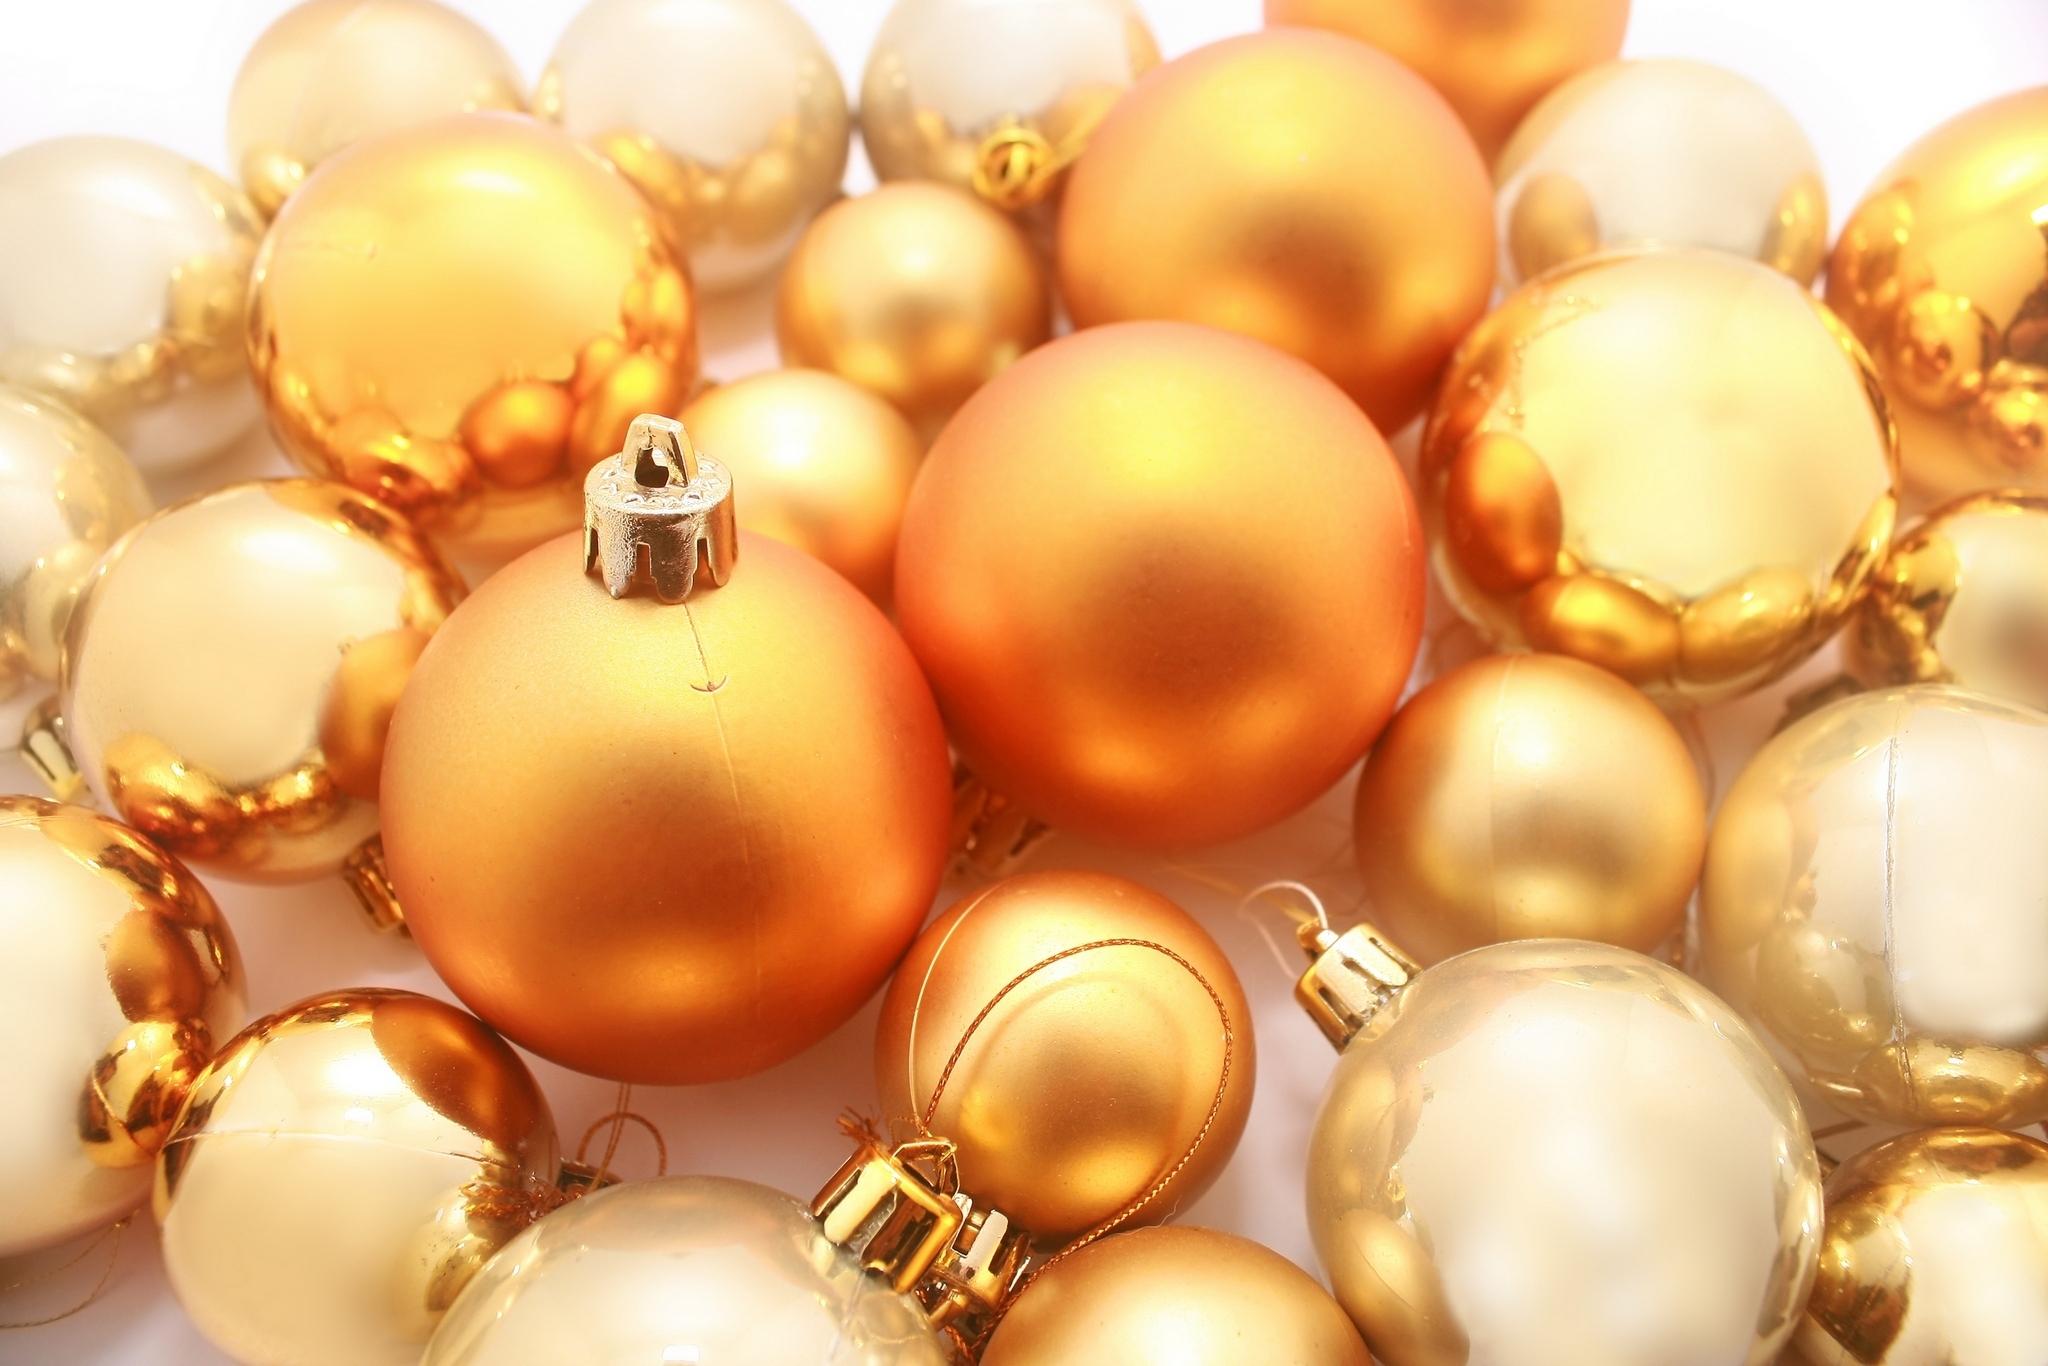 Golden Natale decorations